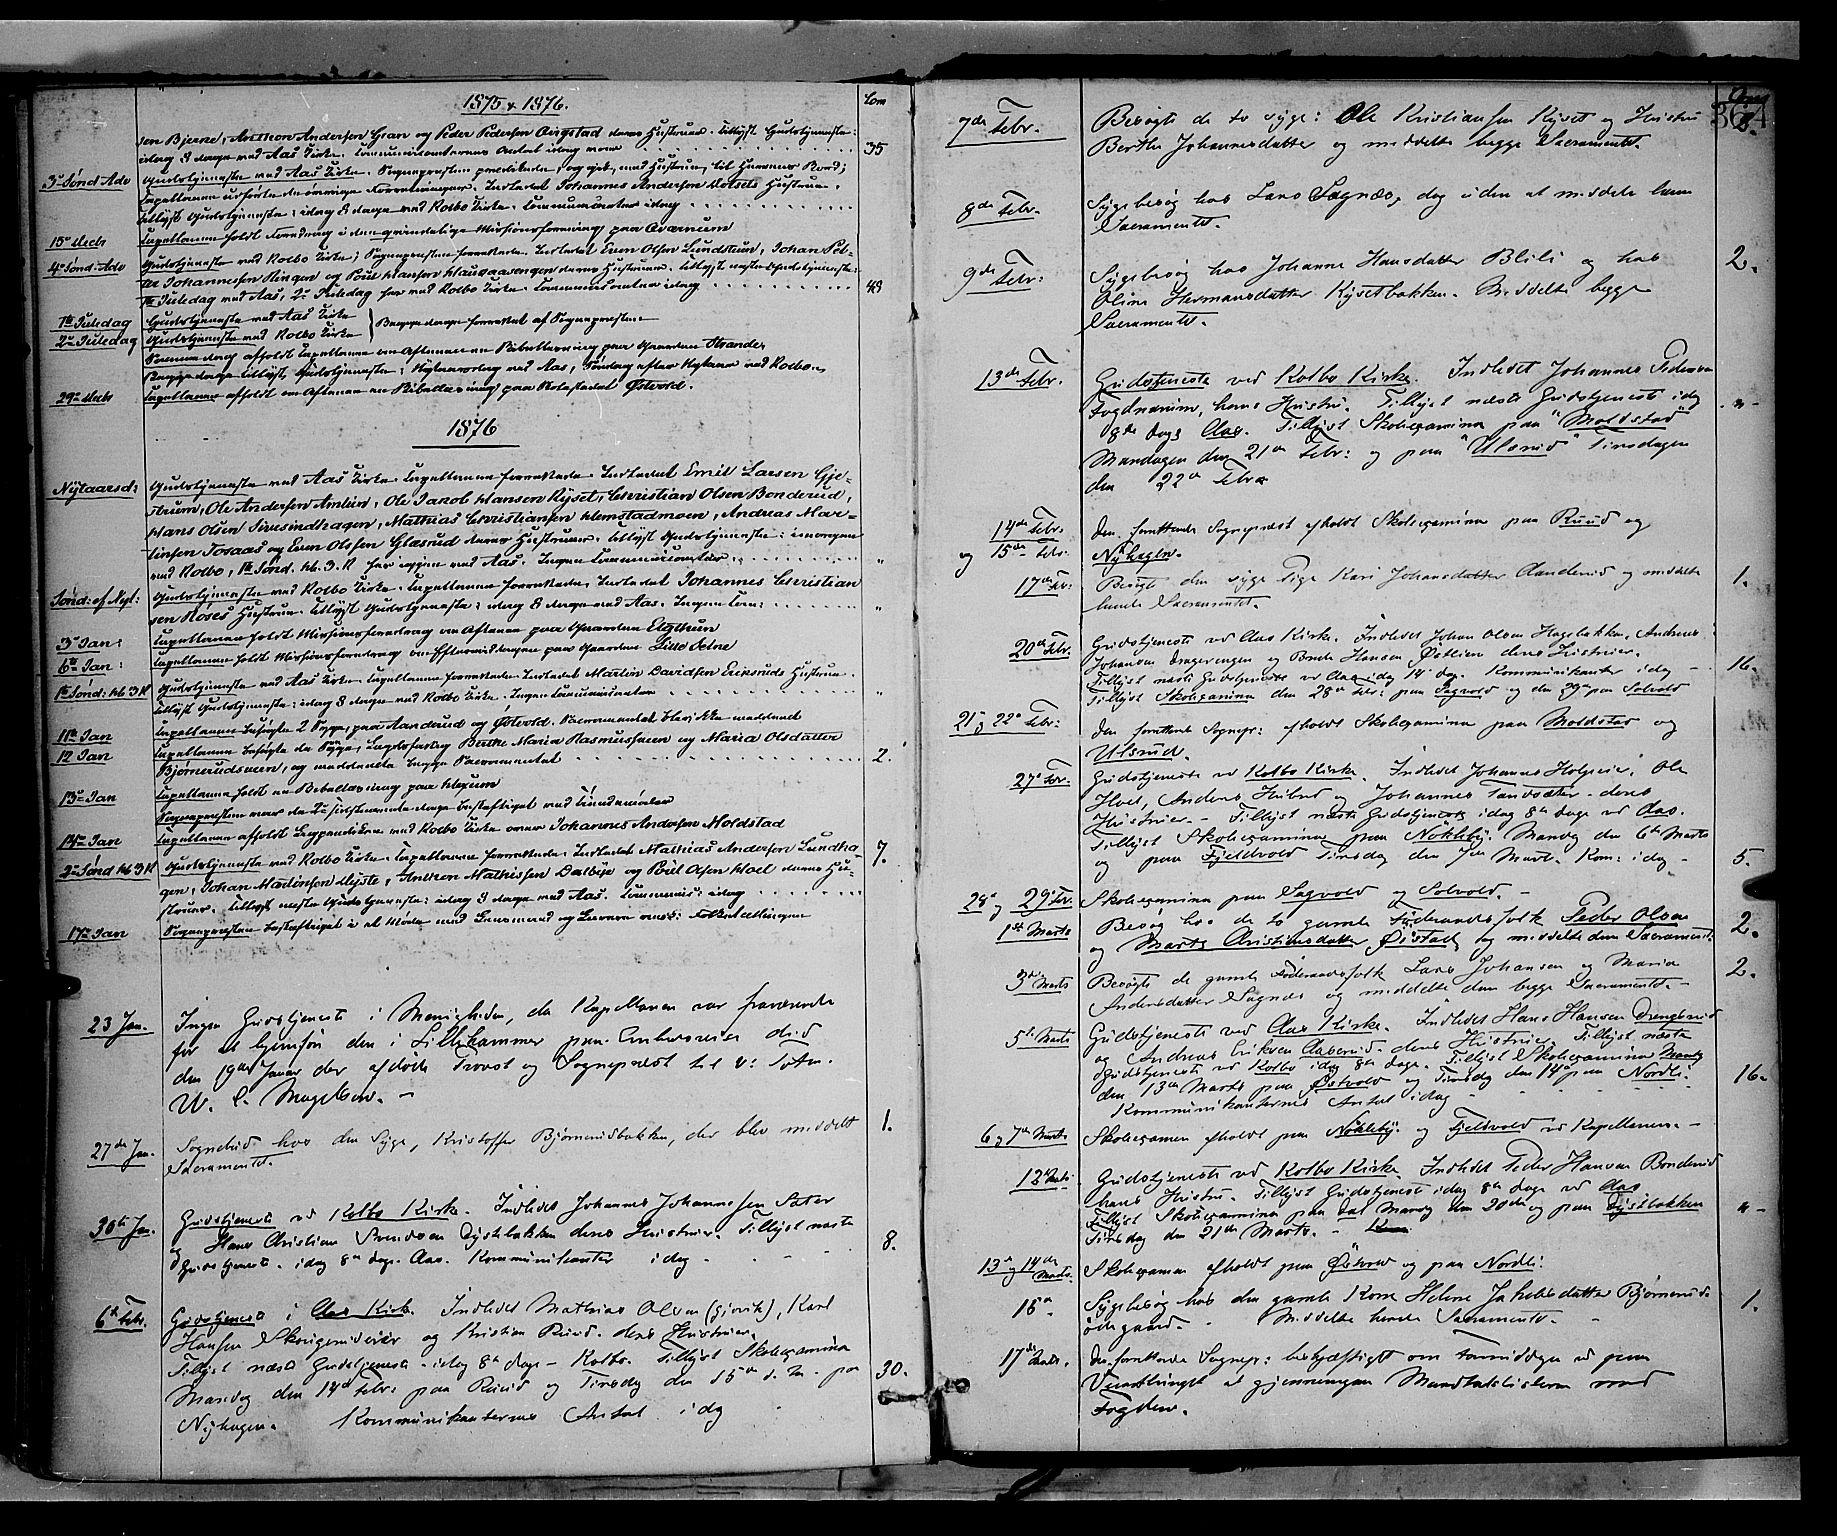 SAH, Vestre Toten prestekontor, Ministerialbok nr. 8, 1870-1877, s. 364